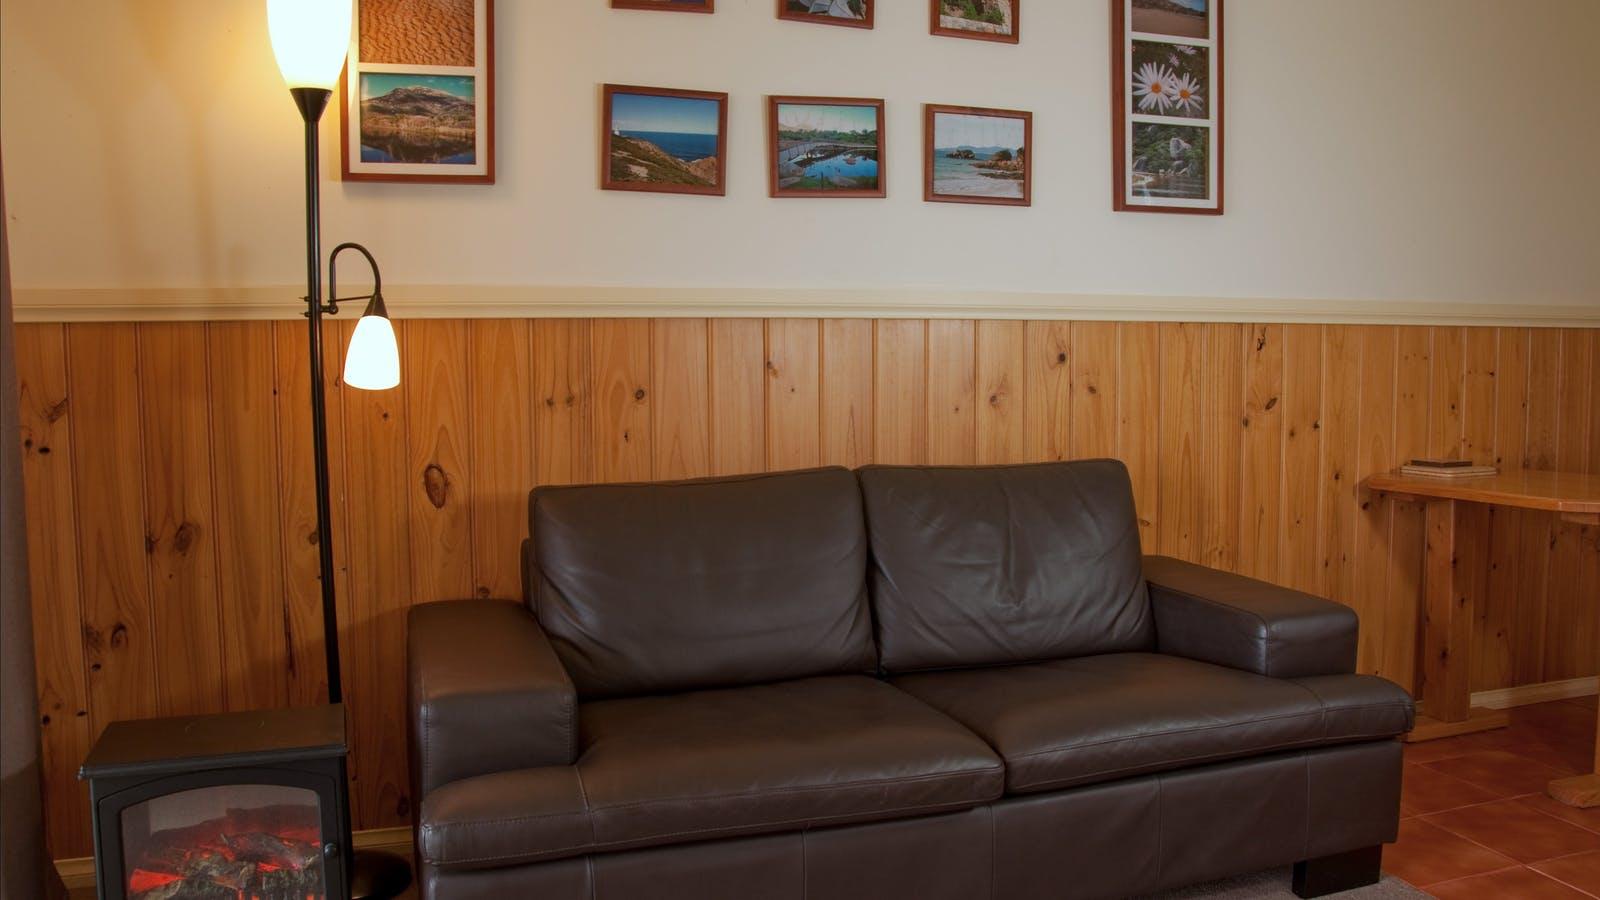 Promhills Cabins